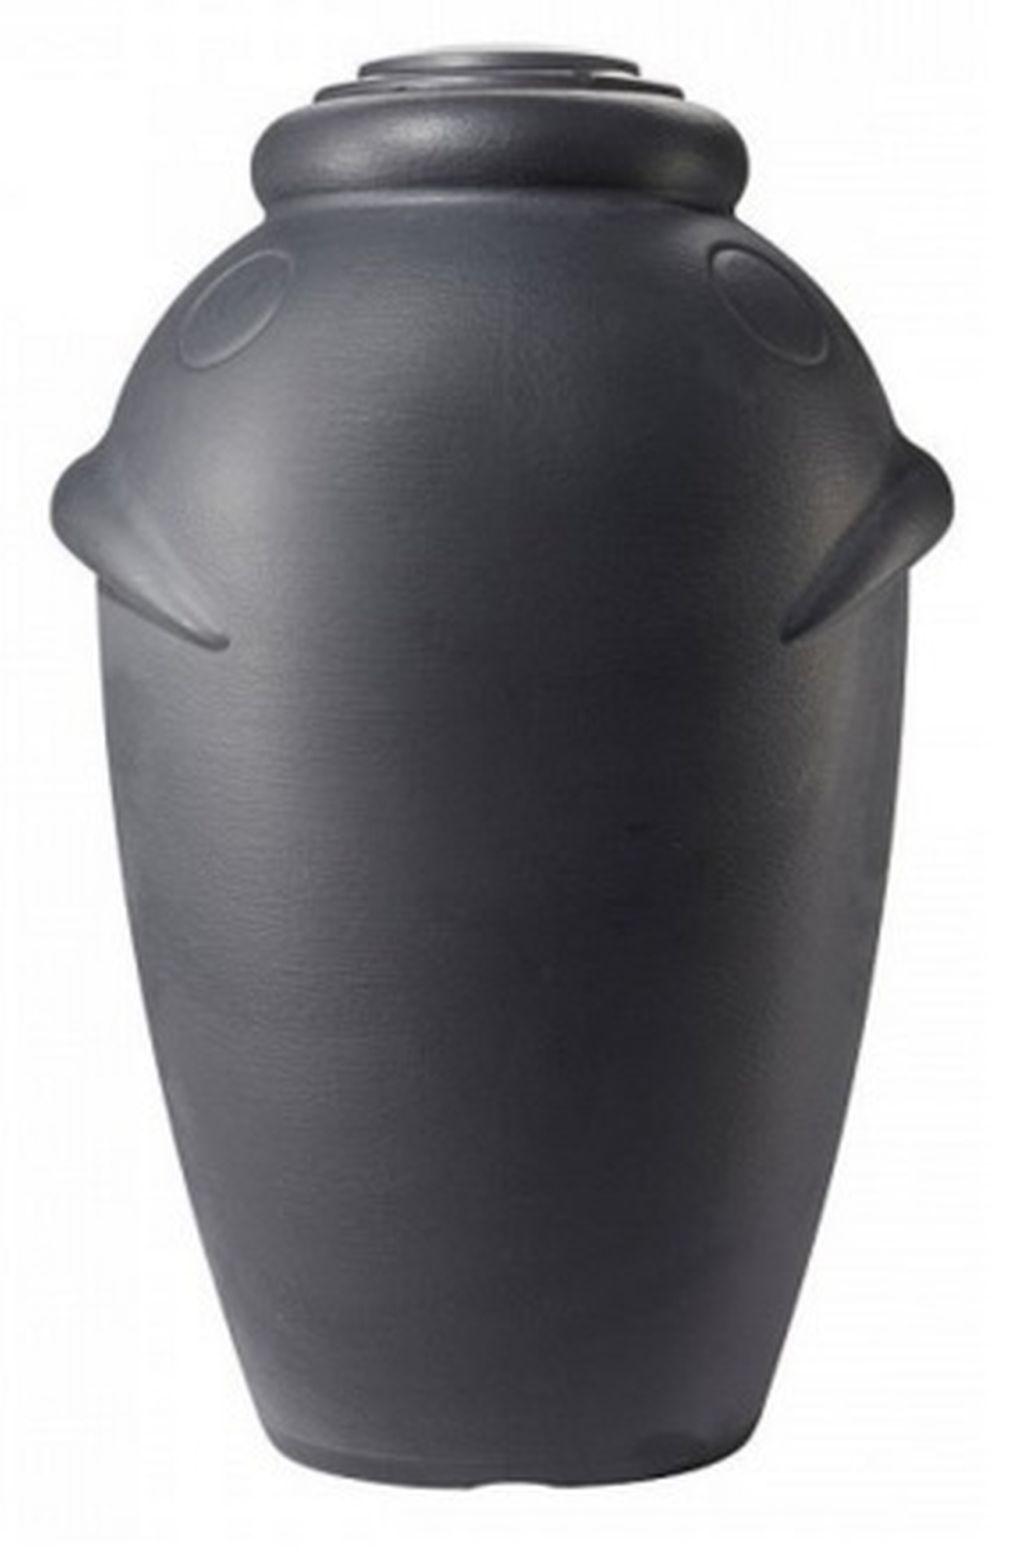 VÝPRODEJ AQUACAN nádoba- sud na dešťovou vodu 360 l, grafit ICAN360 BEZ VÍKA